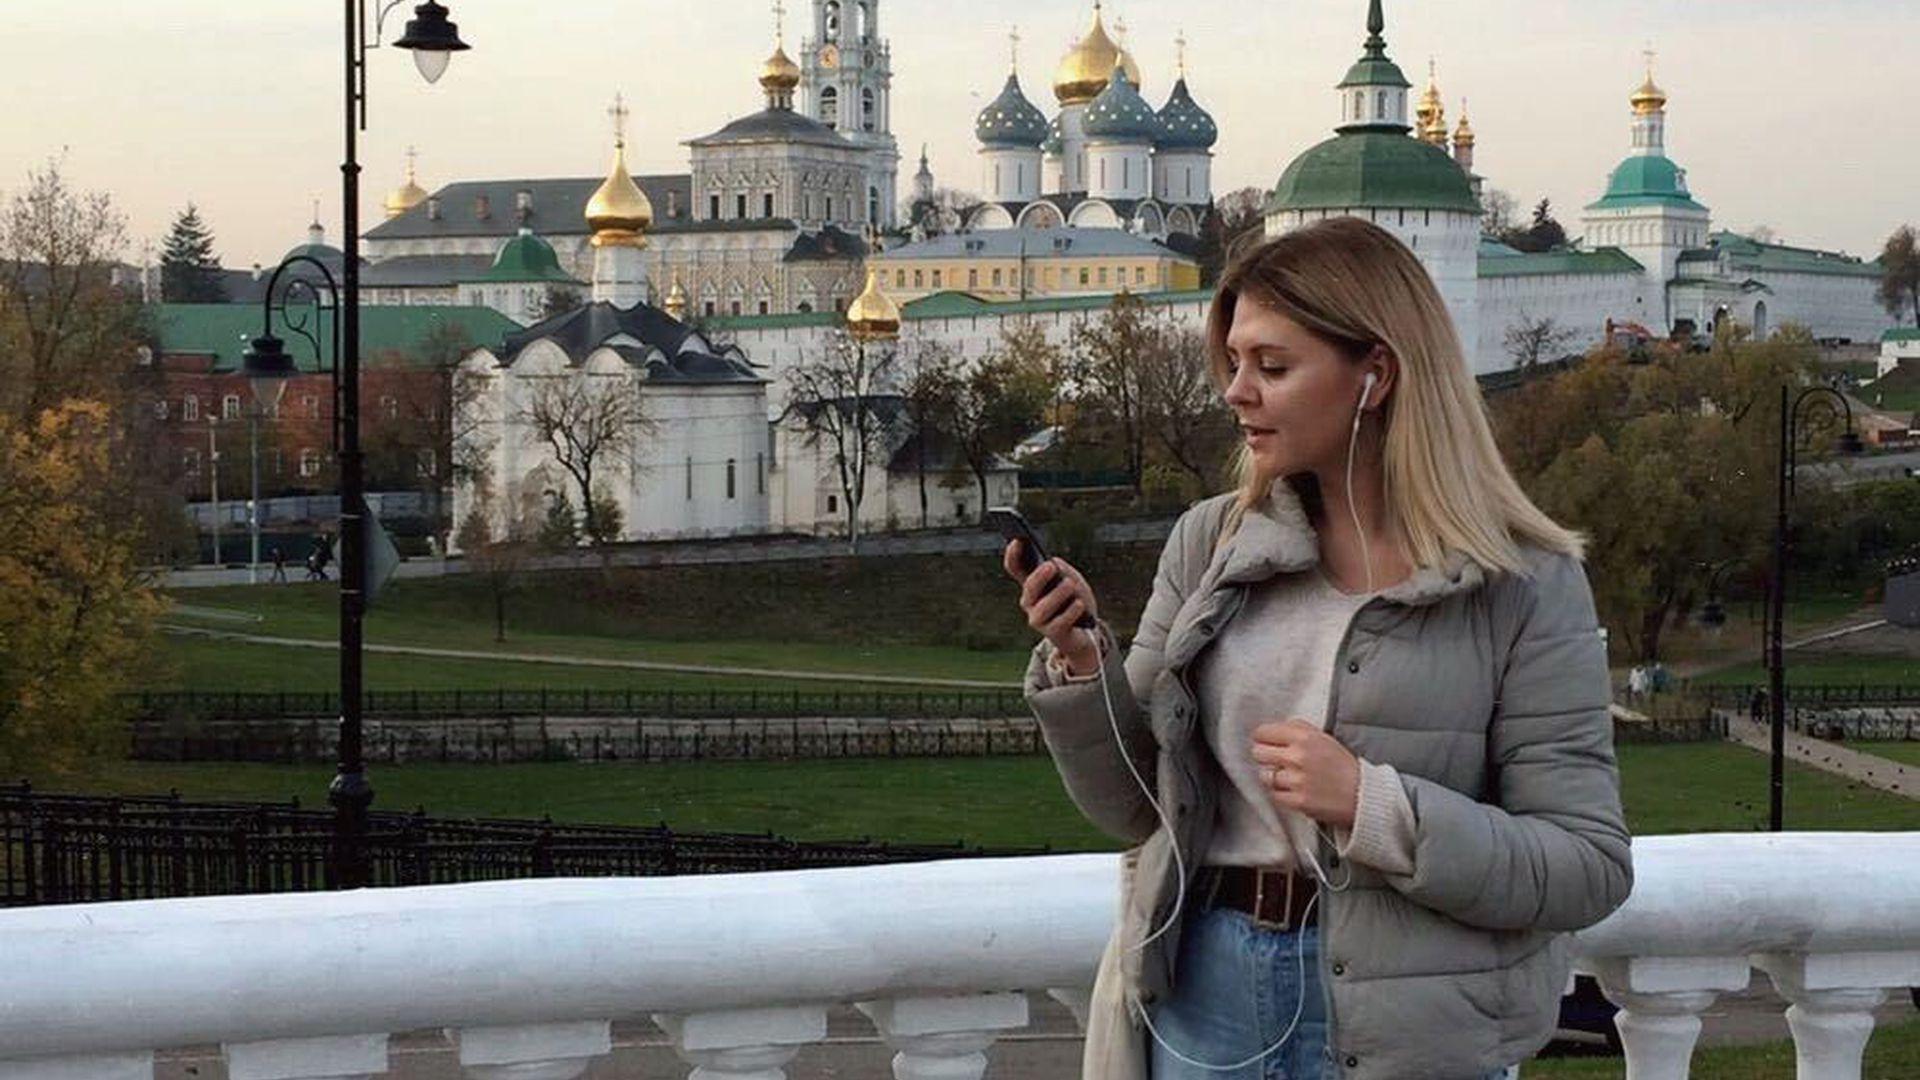 Проводник по Сергиеву Посаду — главное за 2 часа с аудиогидом